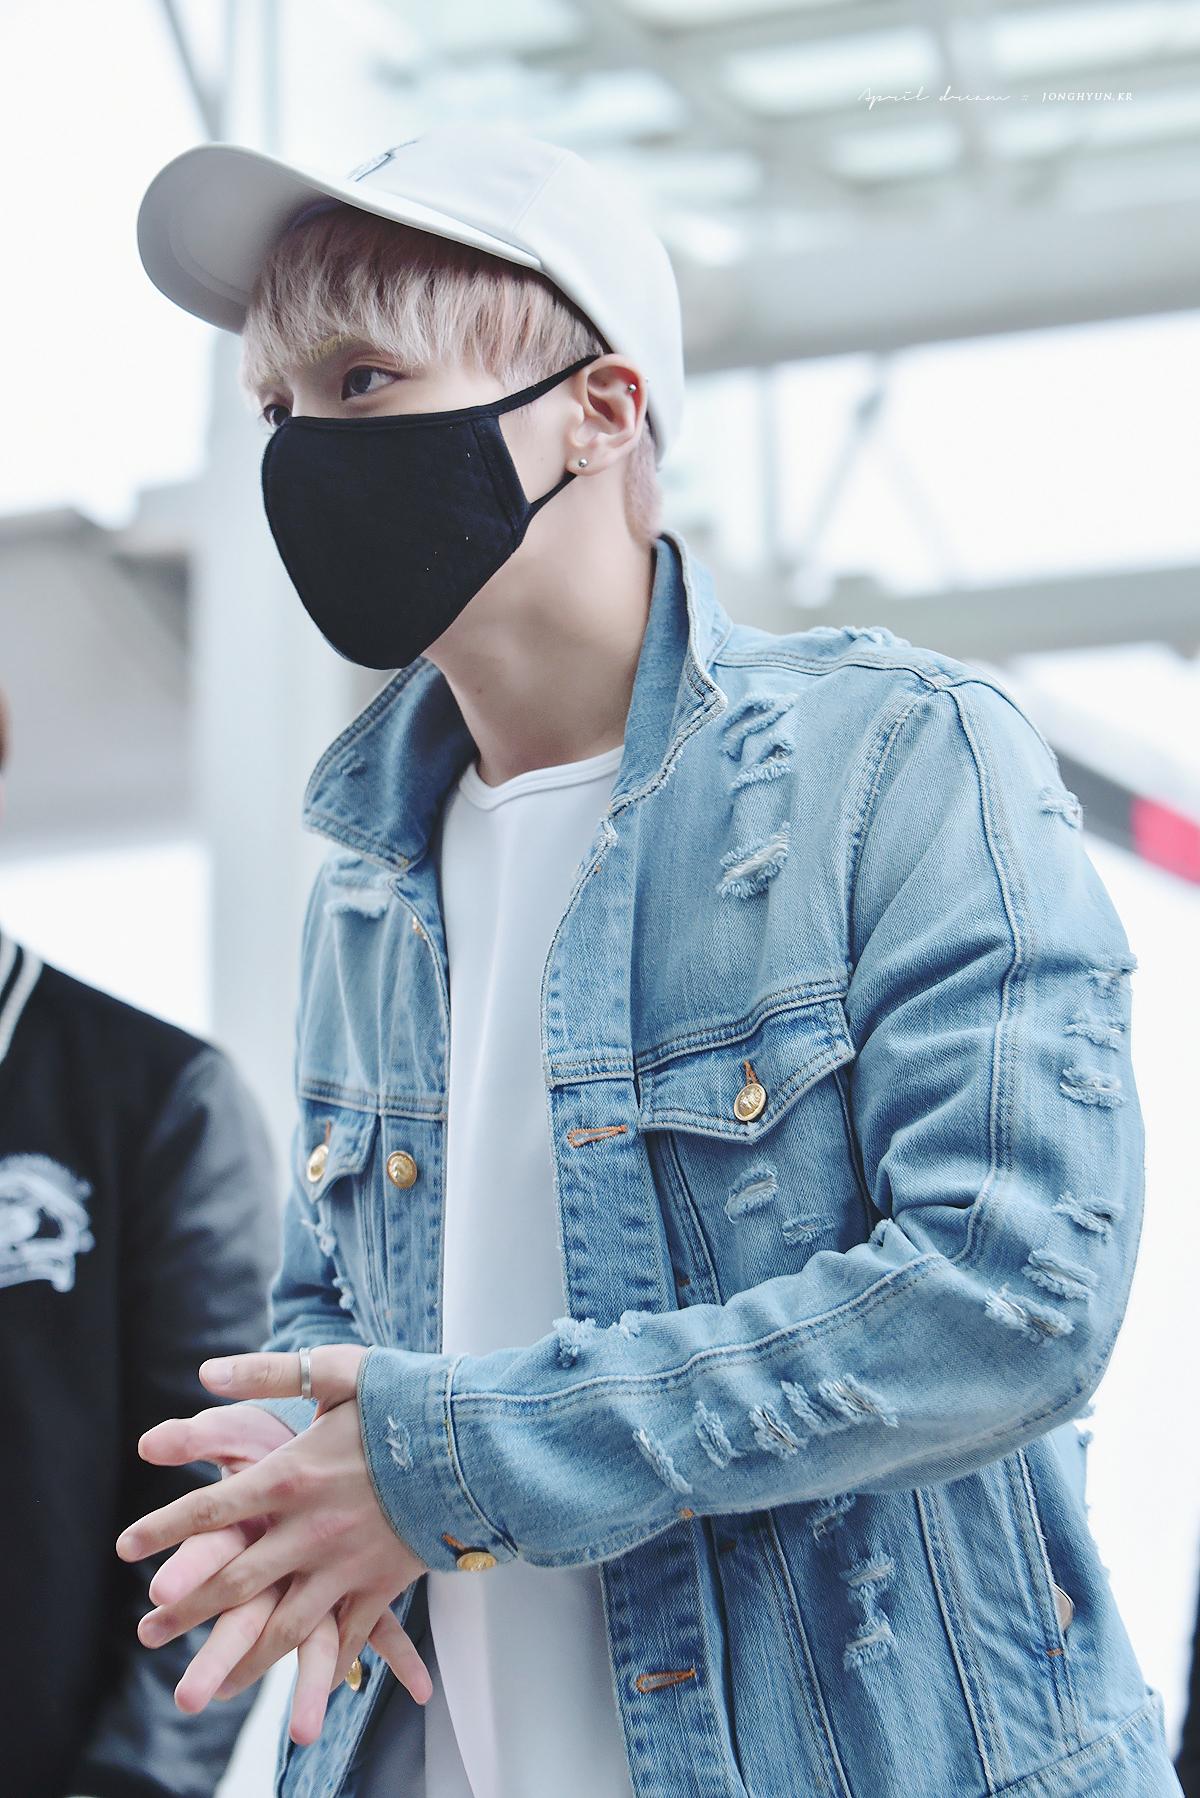 160422 Jonghyun @ Aeropuerto Incheon {Rumbo a Japón} 26307250460_f7cd3d913e_o